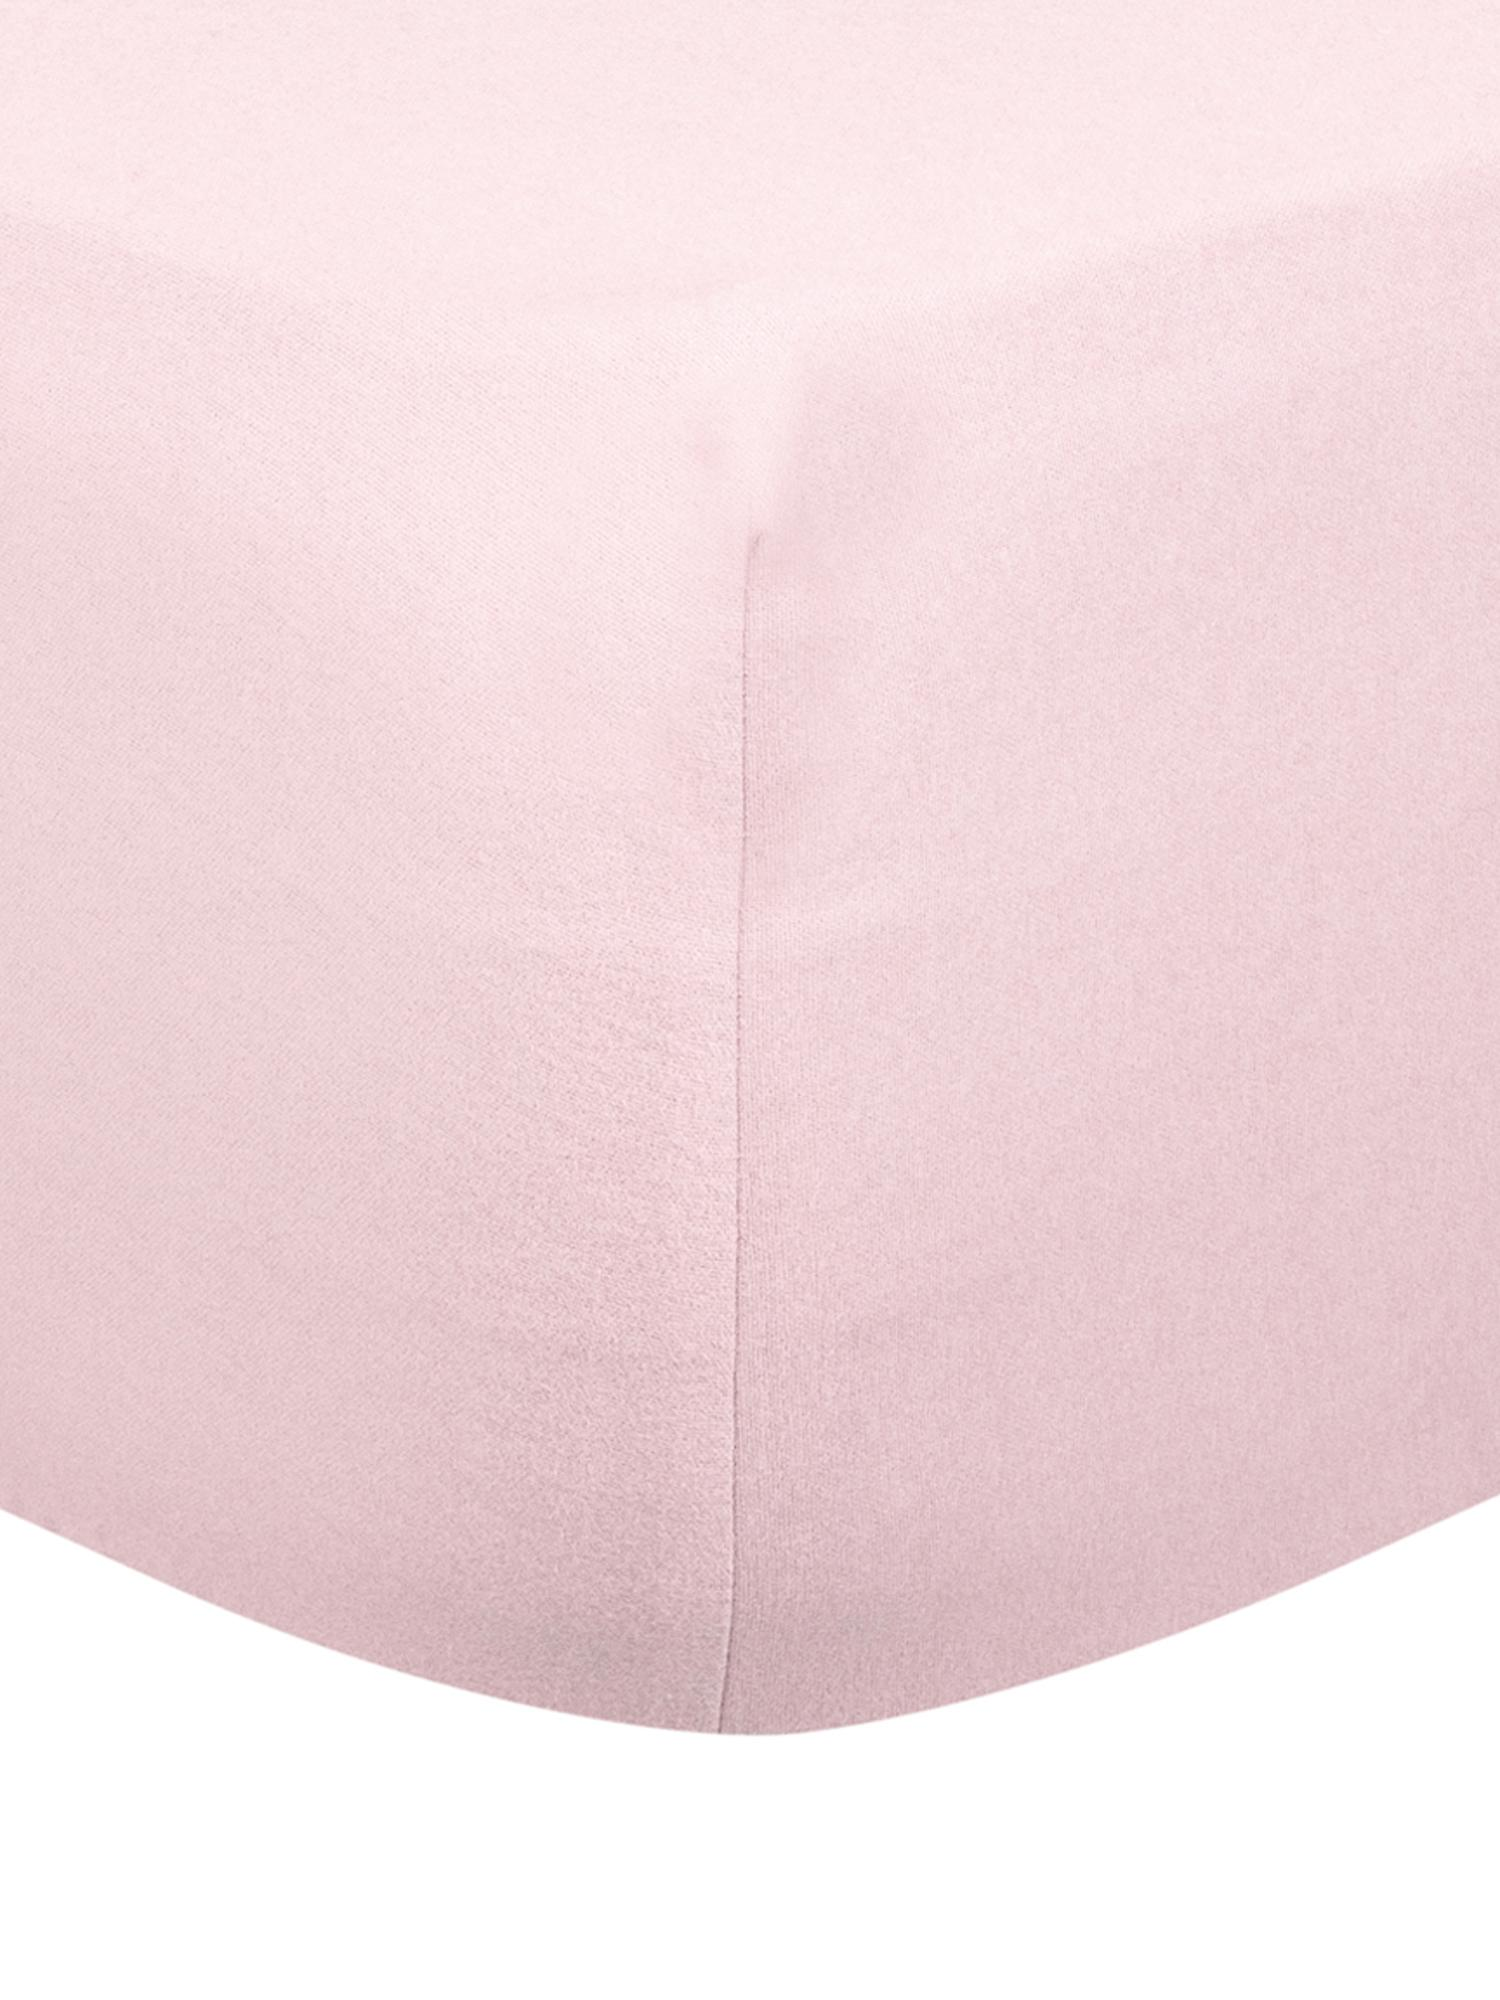 Hoeslaken Biba, flanel, Weeftechniek: flanel, Roze, 160 x 200 cm